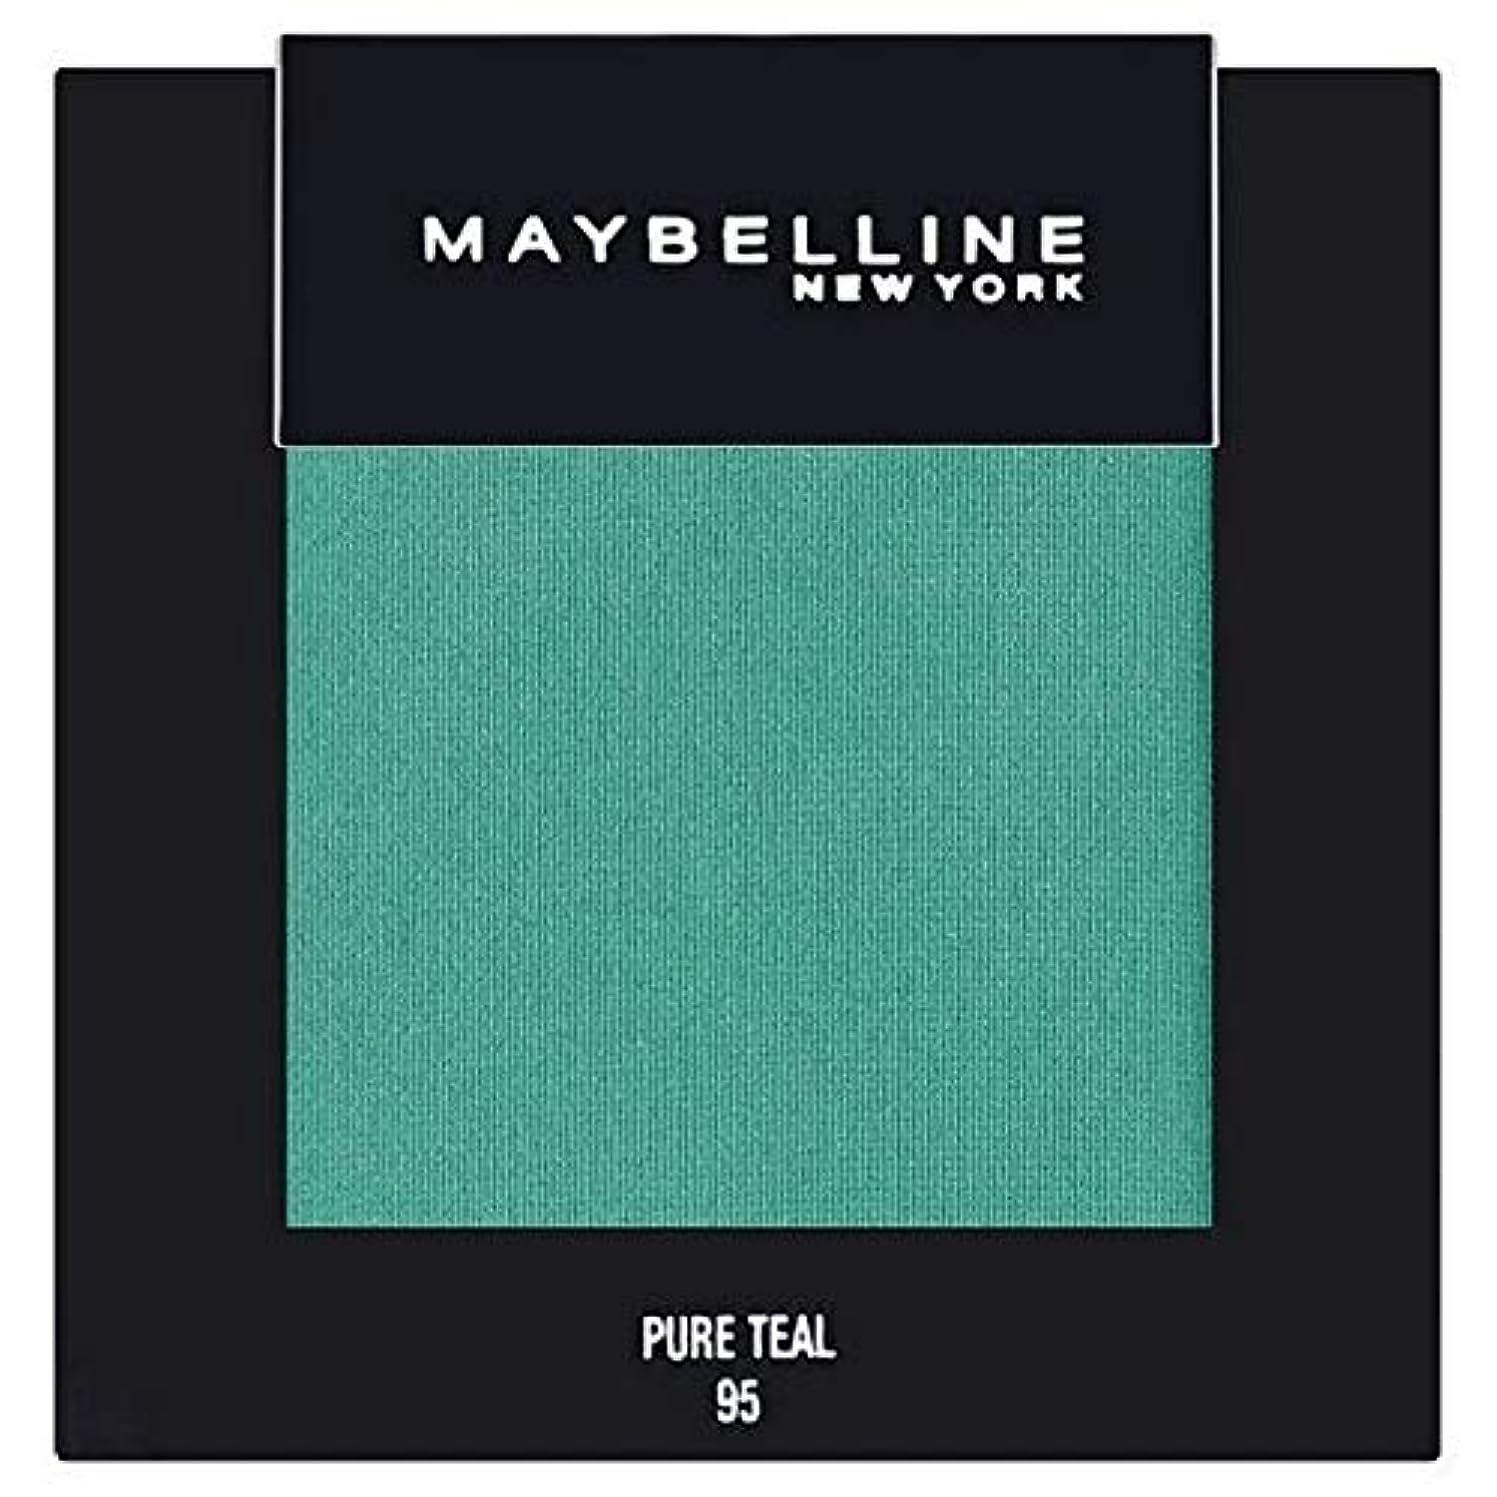 微妙テスト伝染病[Maybelline ] メイベリンカラーショー単一グリーンアイシャドウ95純粋ティール - Maybelline Color Show Single Green Eyeshadow 95 Pure Teal [並行輸入品]